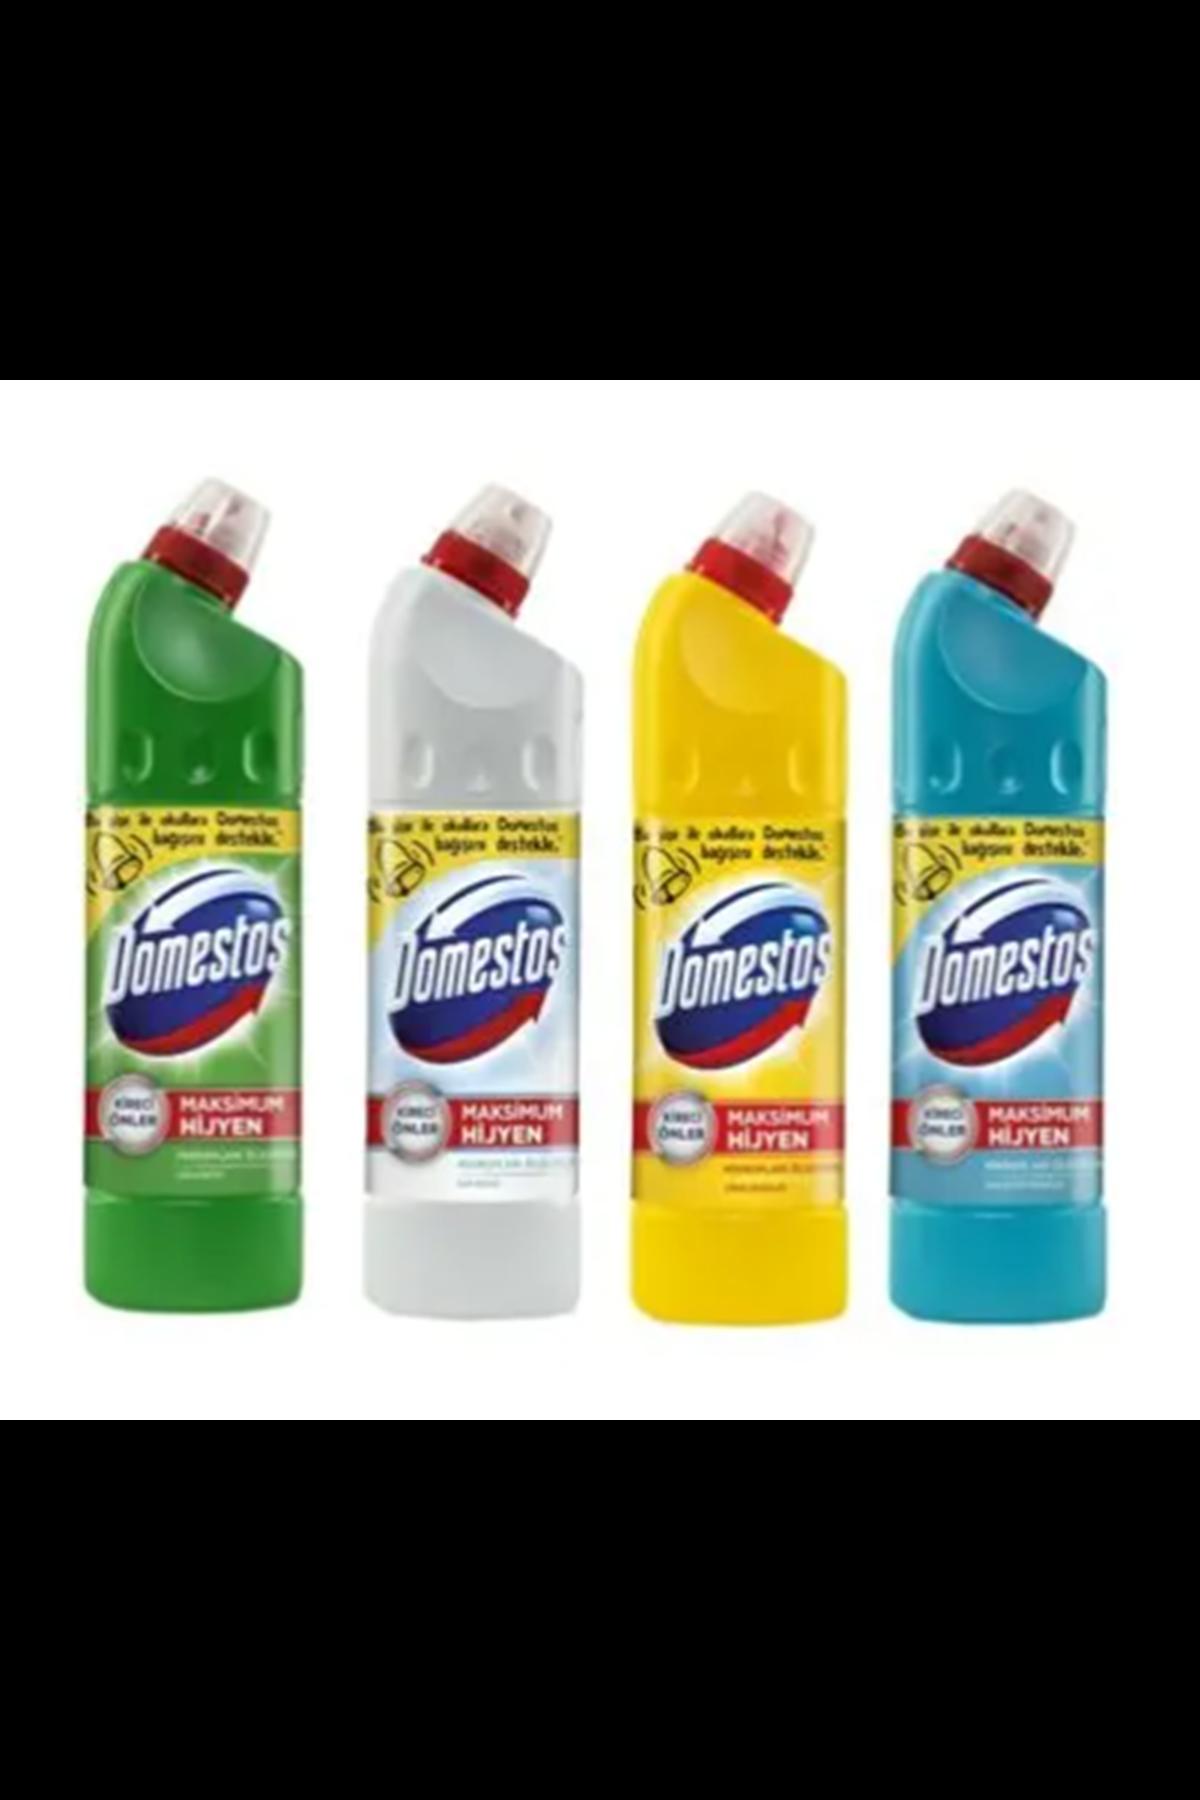 Domestos Çamaşır Suyu 4 Farklı Çeşit